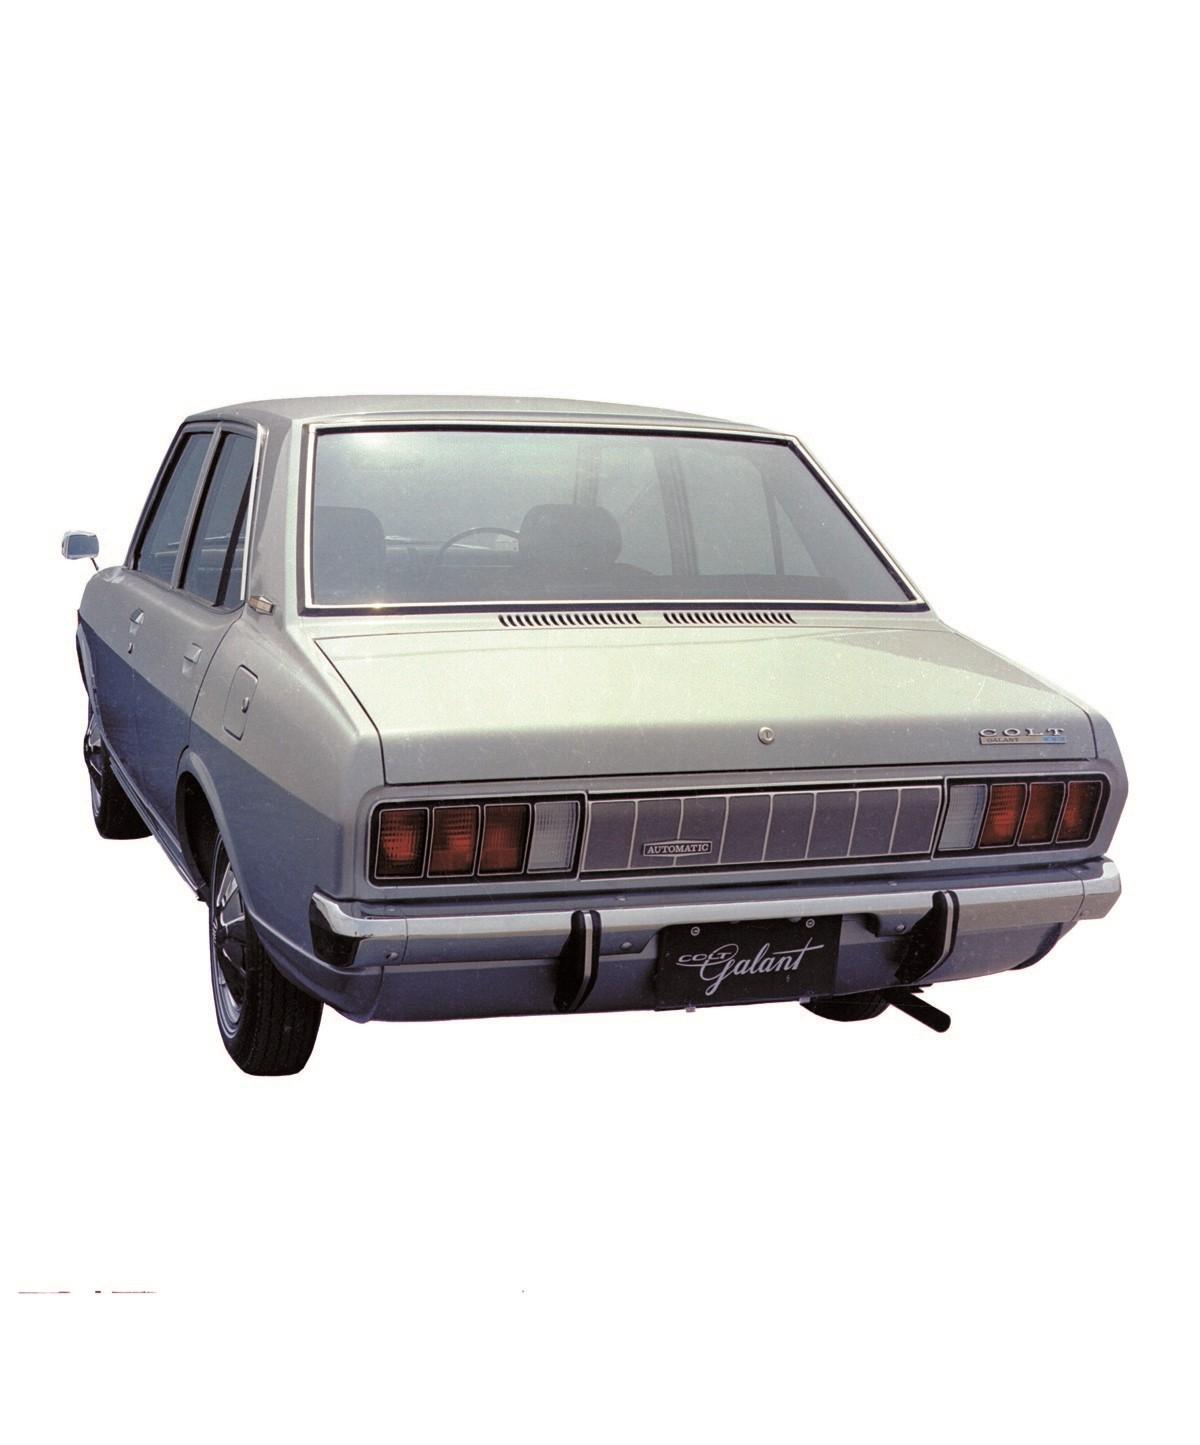 追憶の「わが日本車」第3回:日下部保雄と初代~5代目ギャラン